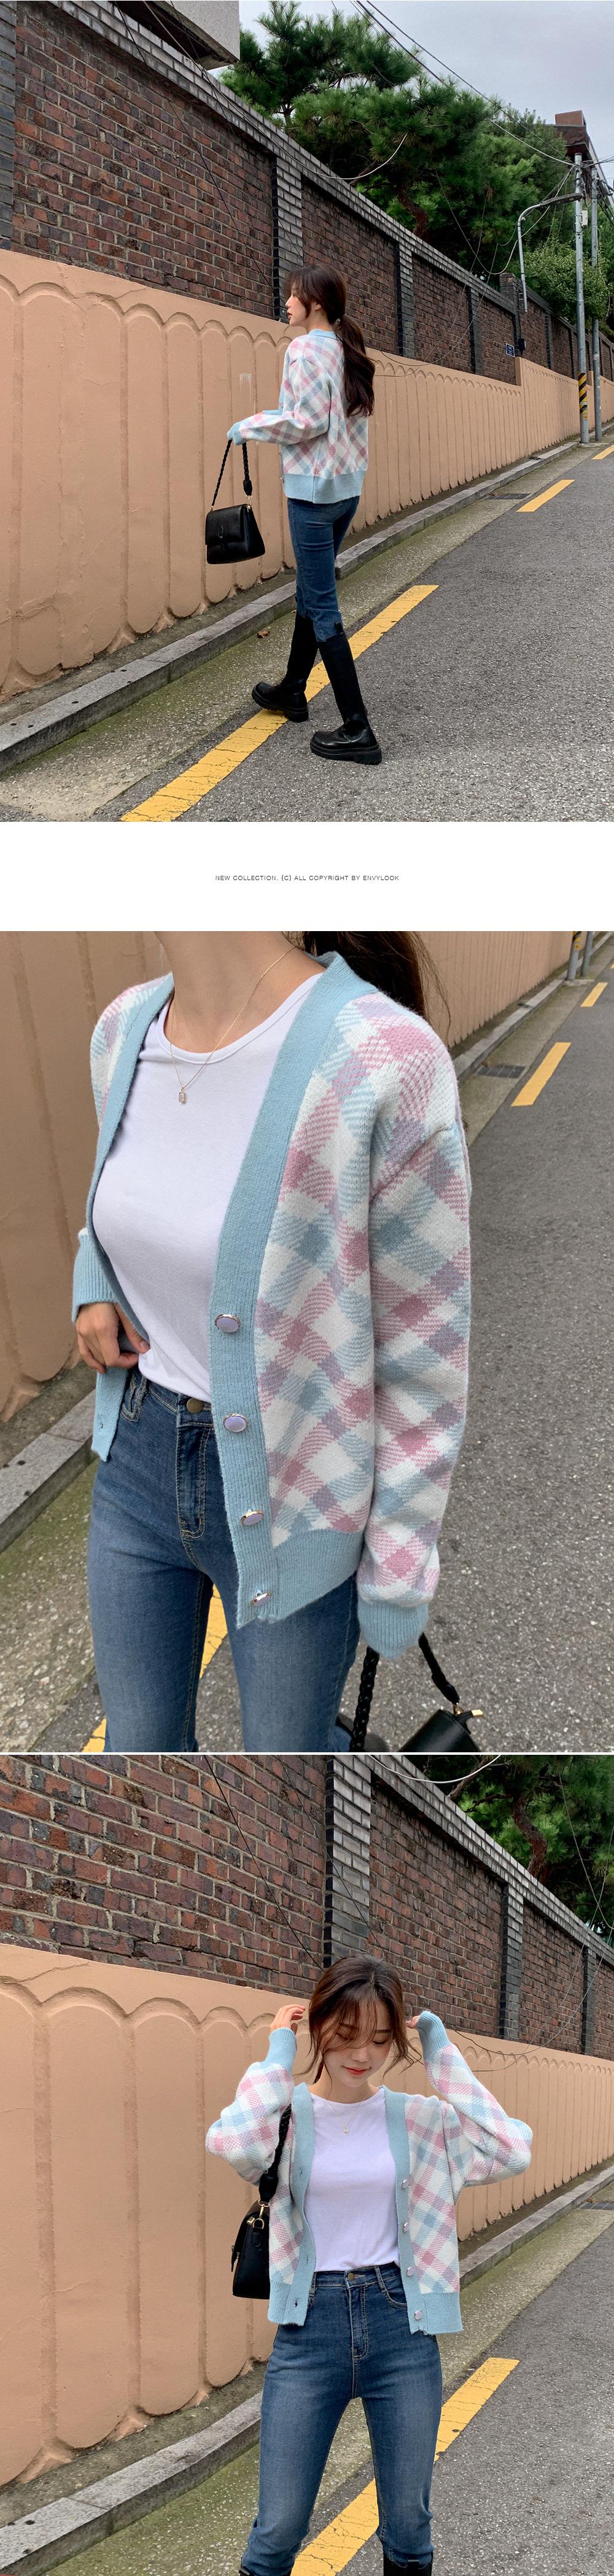 warm color cardigan